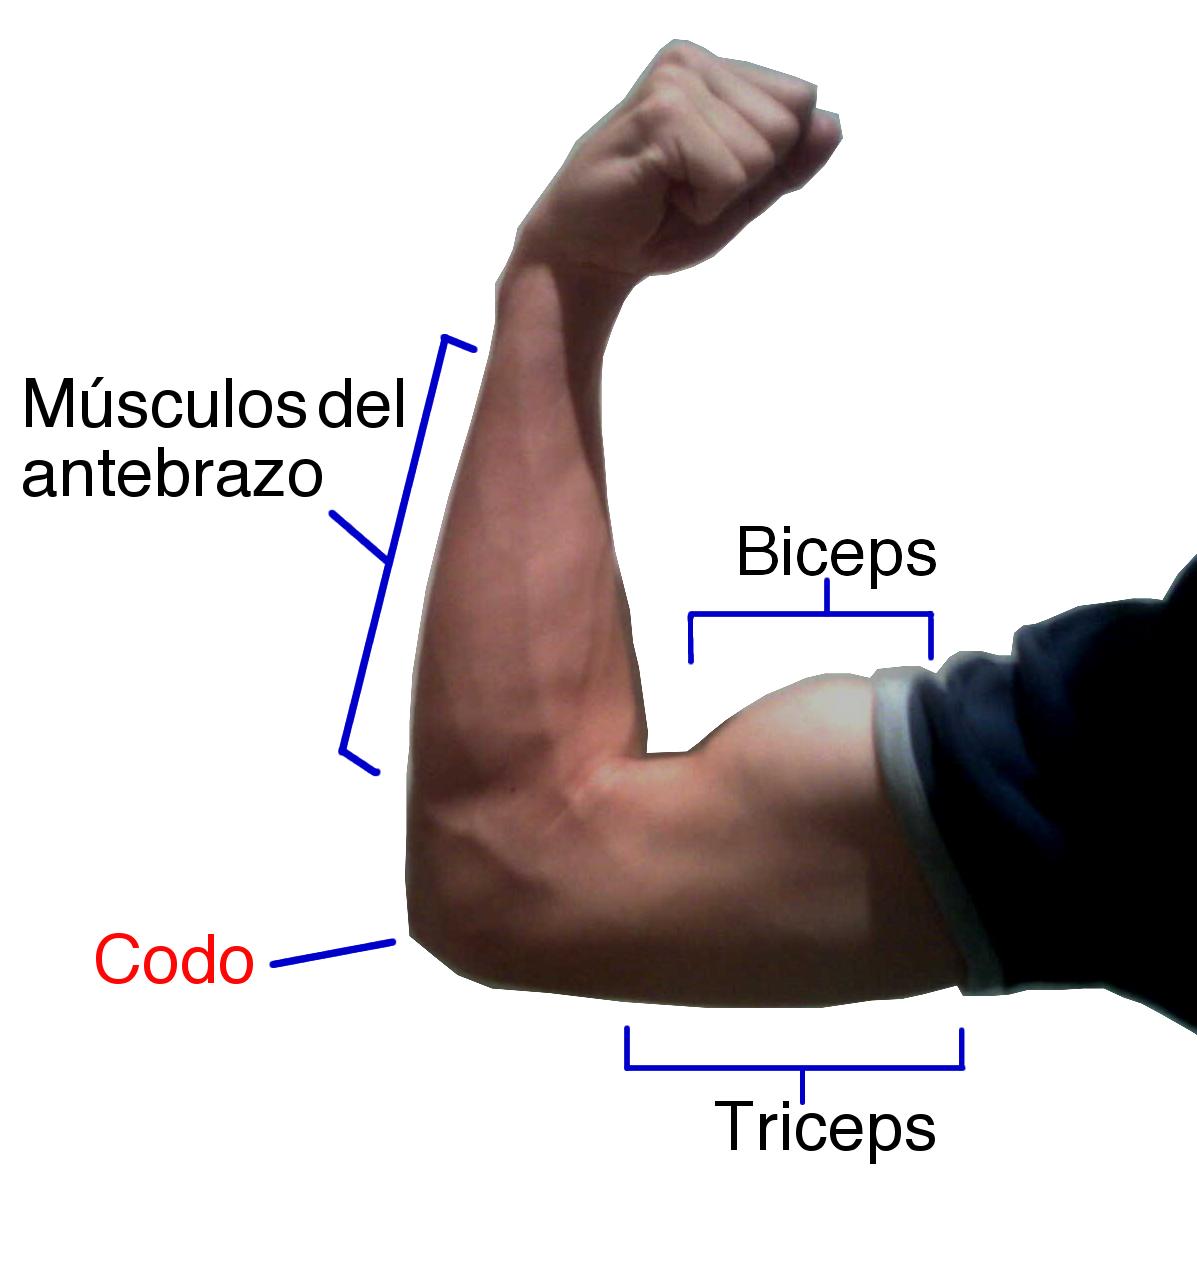 File:Flexión del brazo.png - Wikimedia Commons